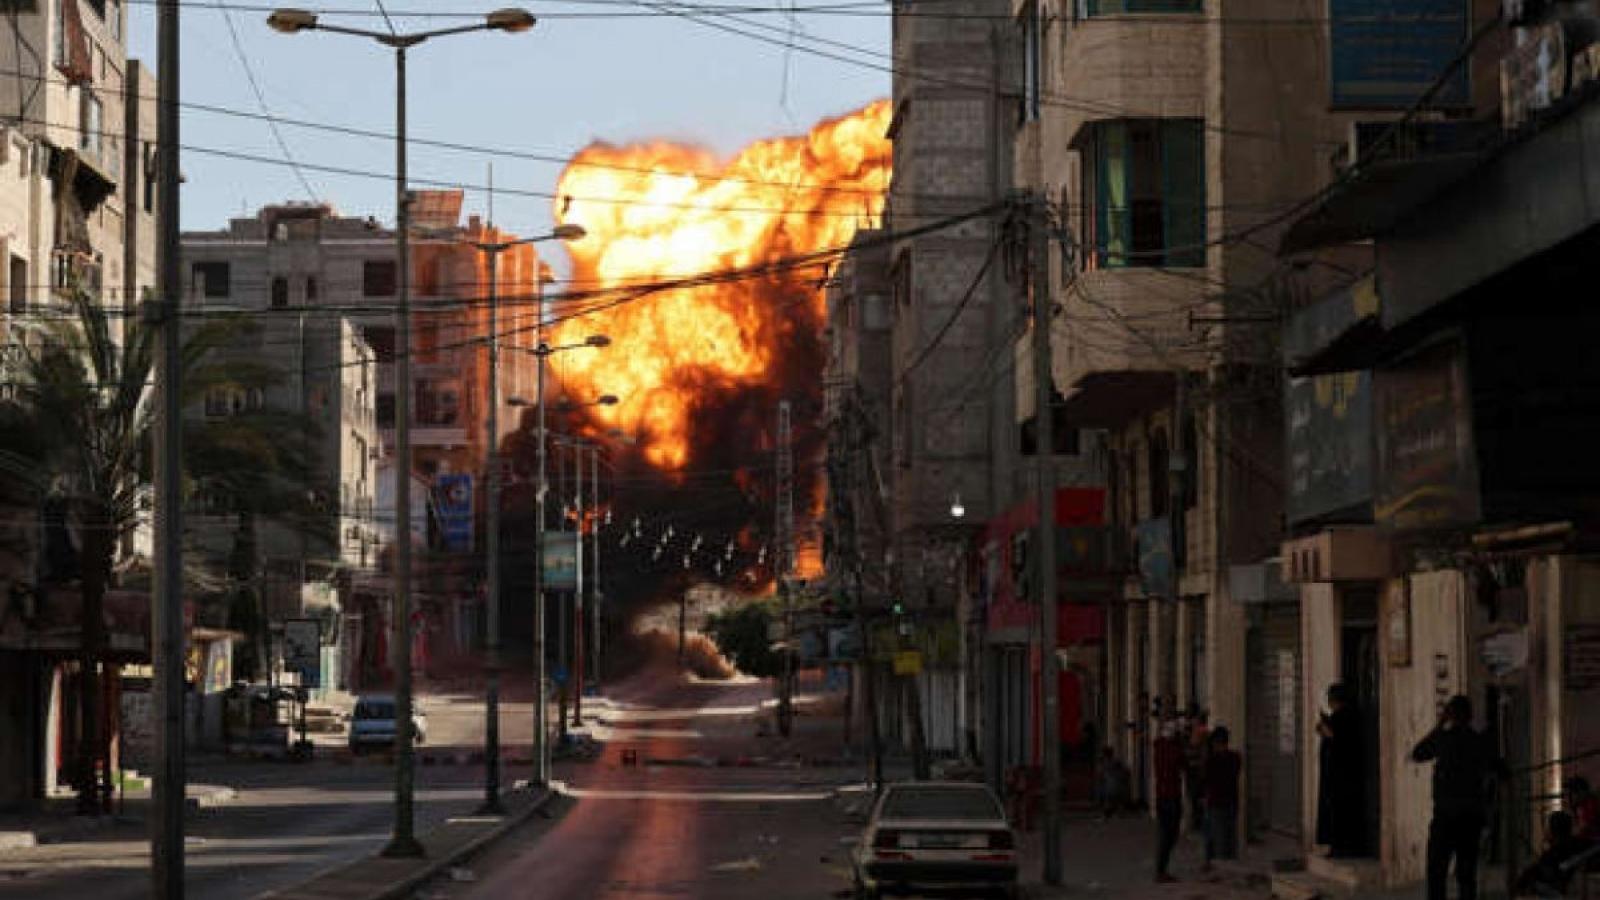 Ai Cập kêu gọi chấm dứt bạo lực giữa Israel và Palestine